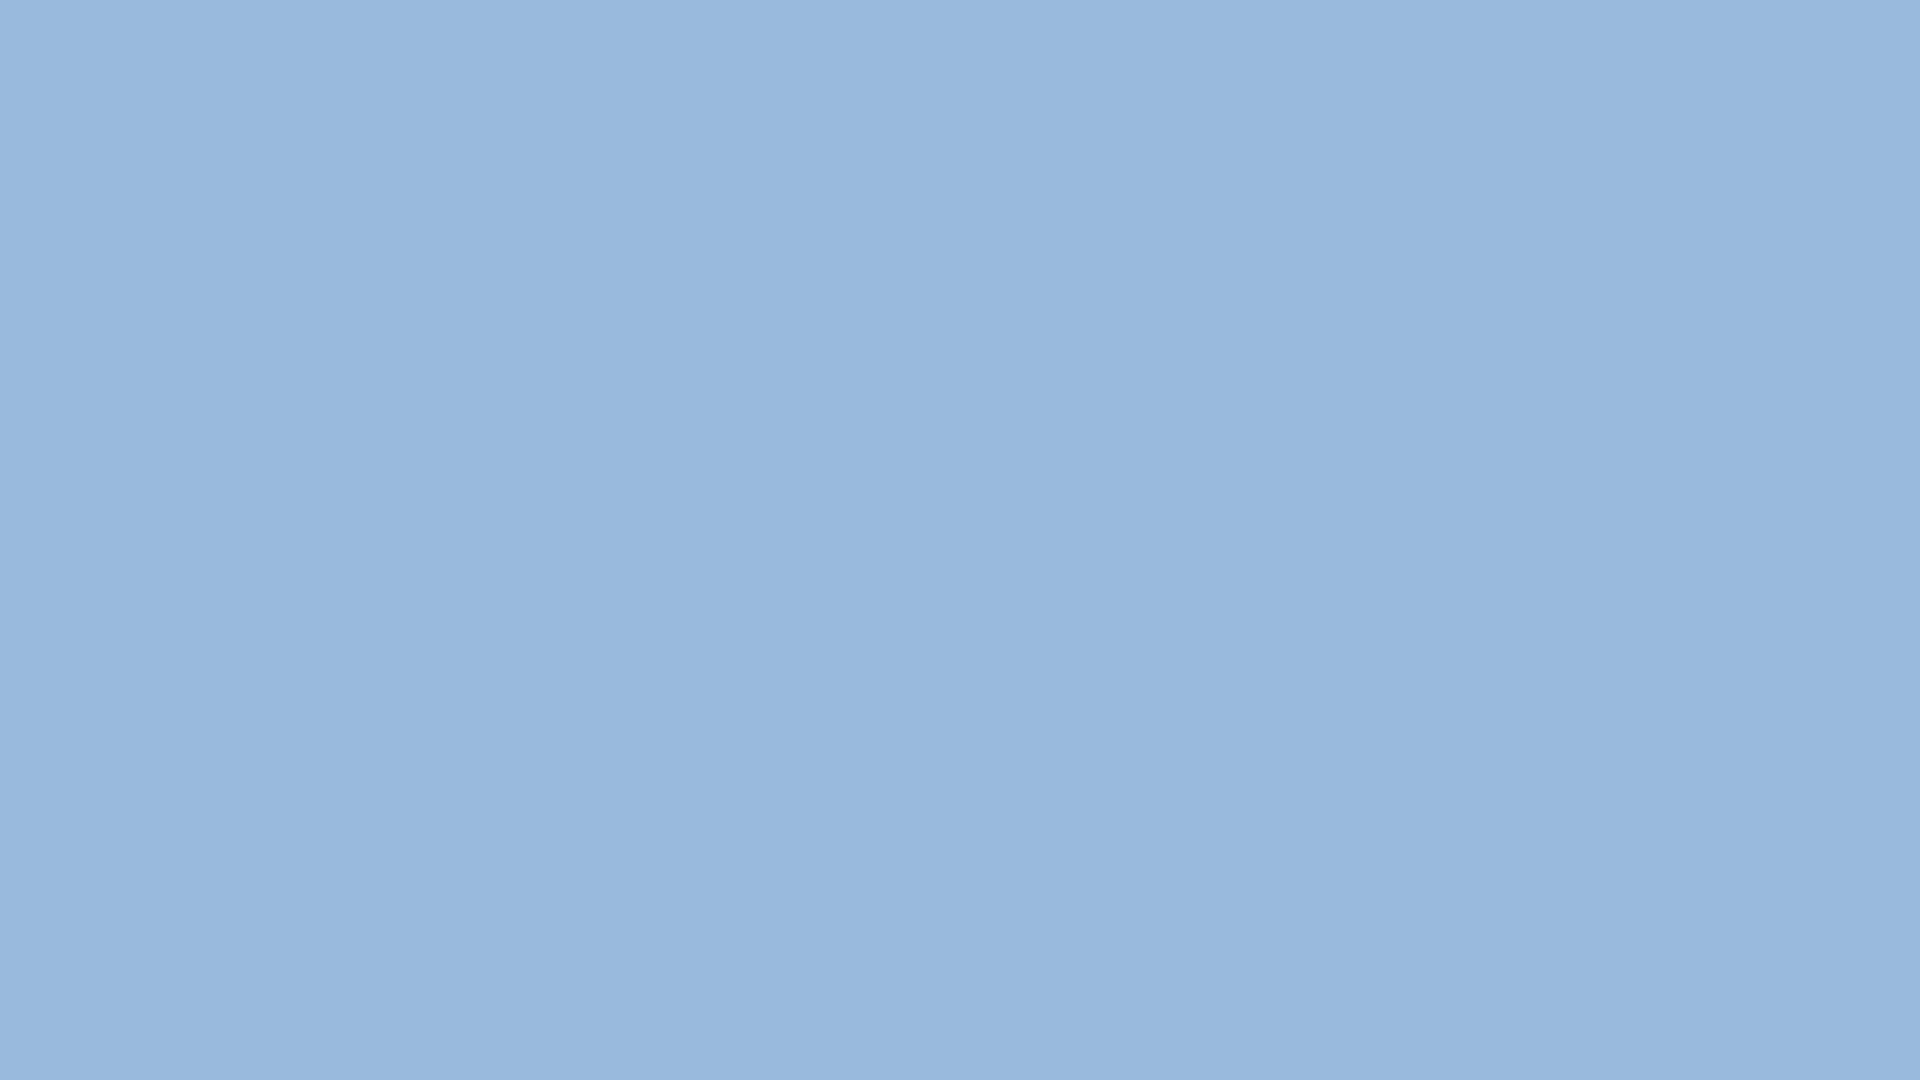 1920x1080 Carolina Blue Solid Color Background